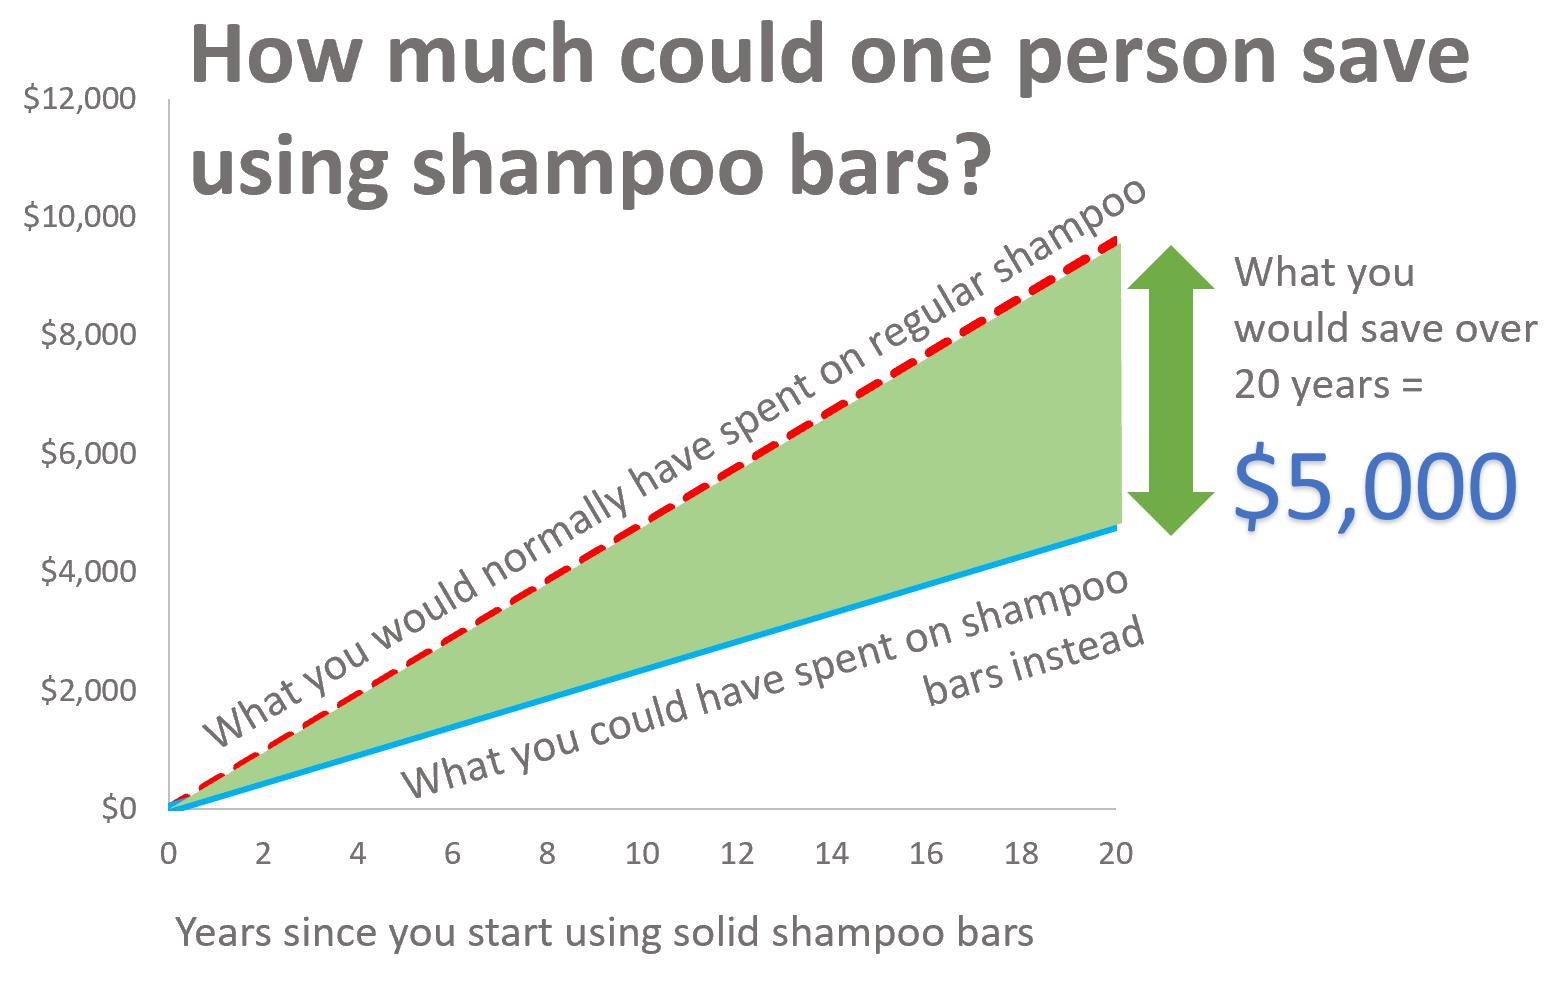 Shampoo bar savings